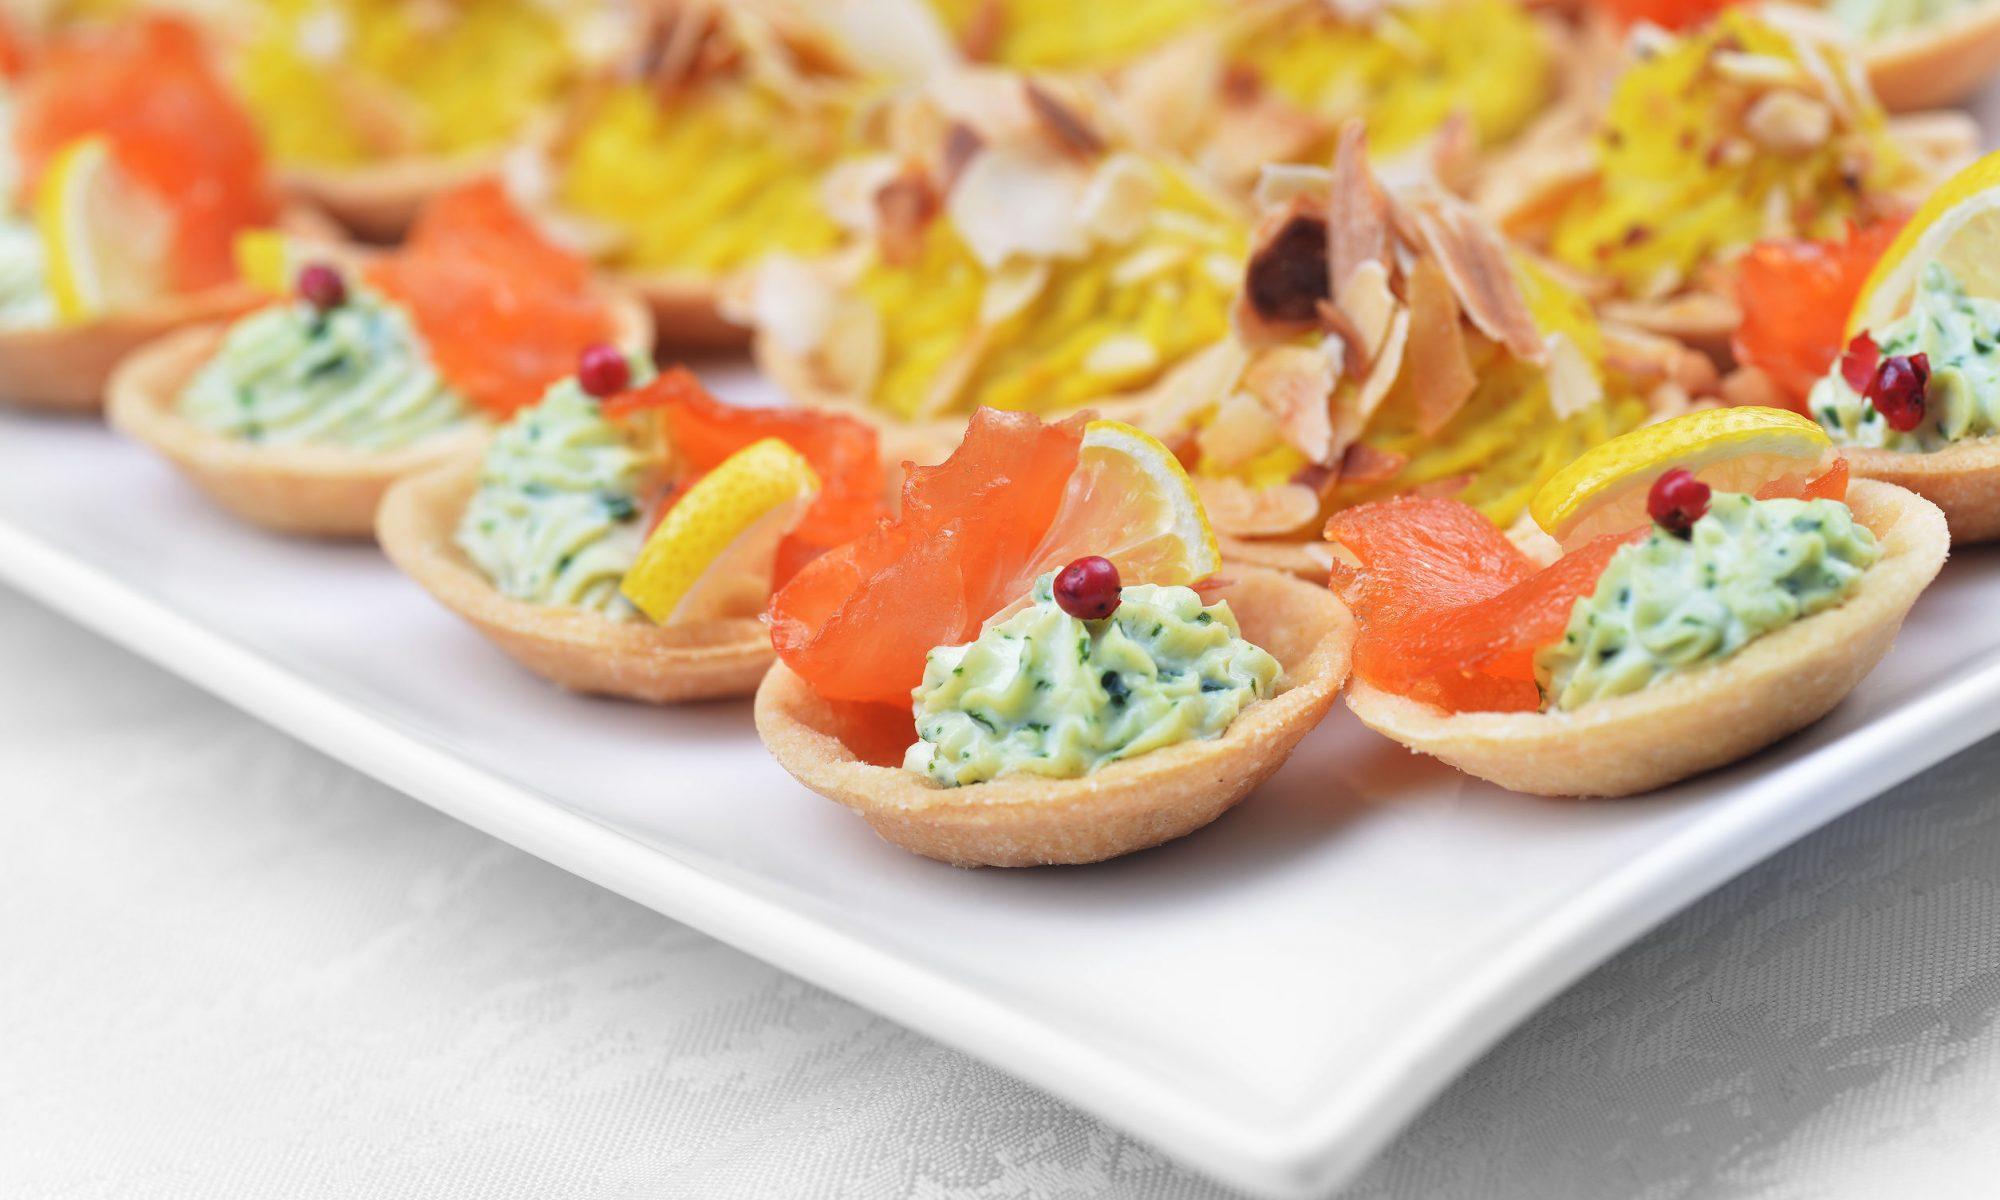 Тарталетки со сливочным сыром, авокадо и красной рыбой